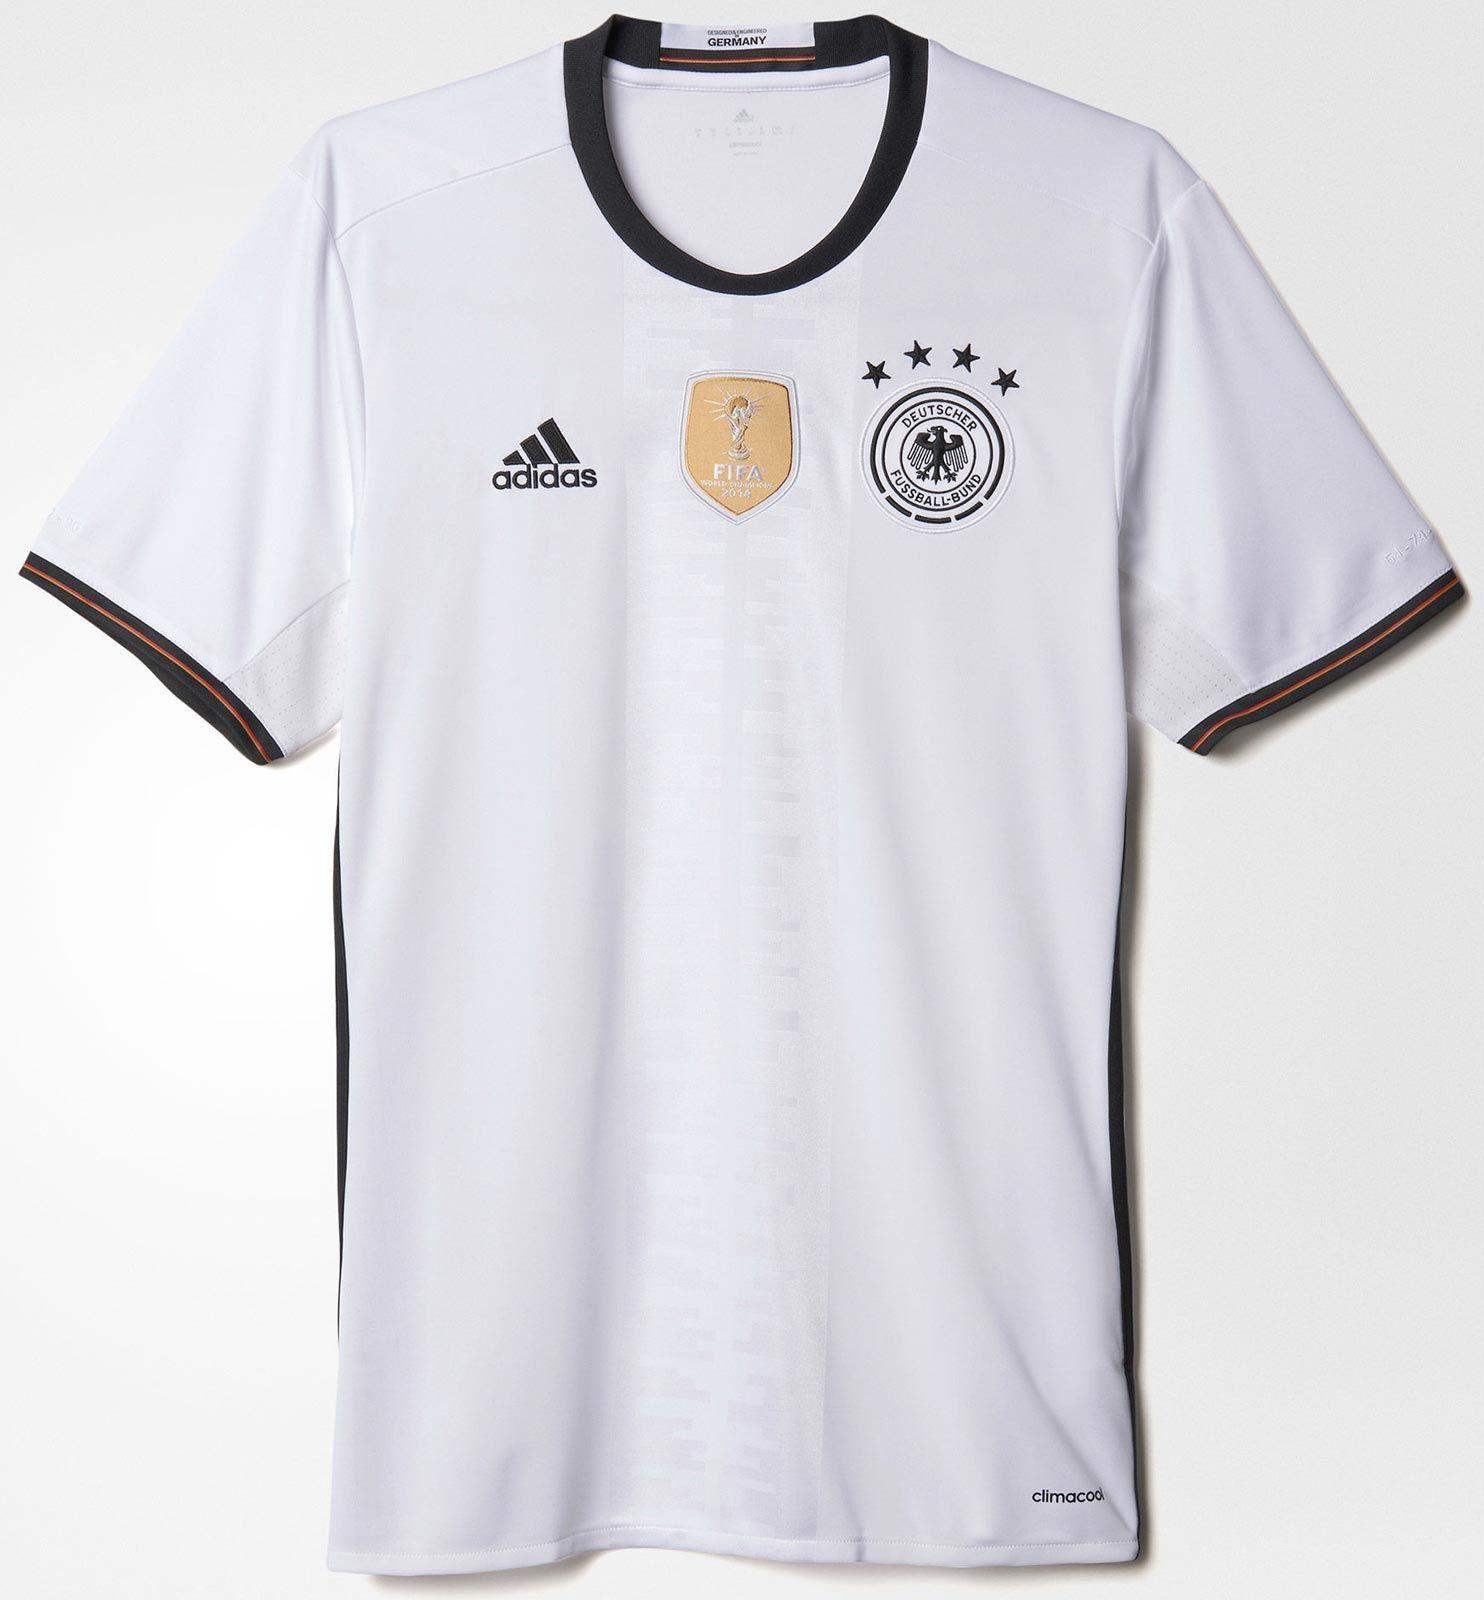 Adidas divulga nova camisa titular da Alemanha - Show de Camisas ... cf8cb6f2efc6d